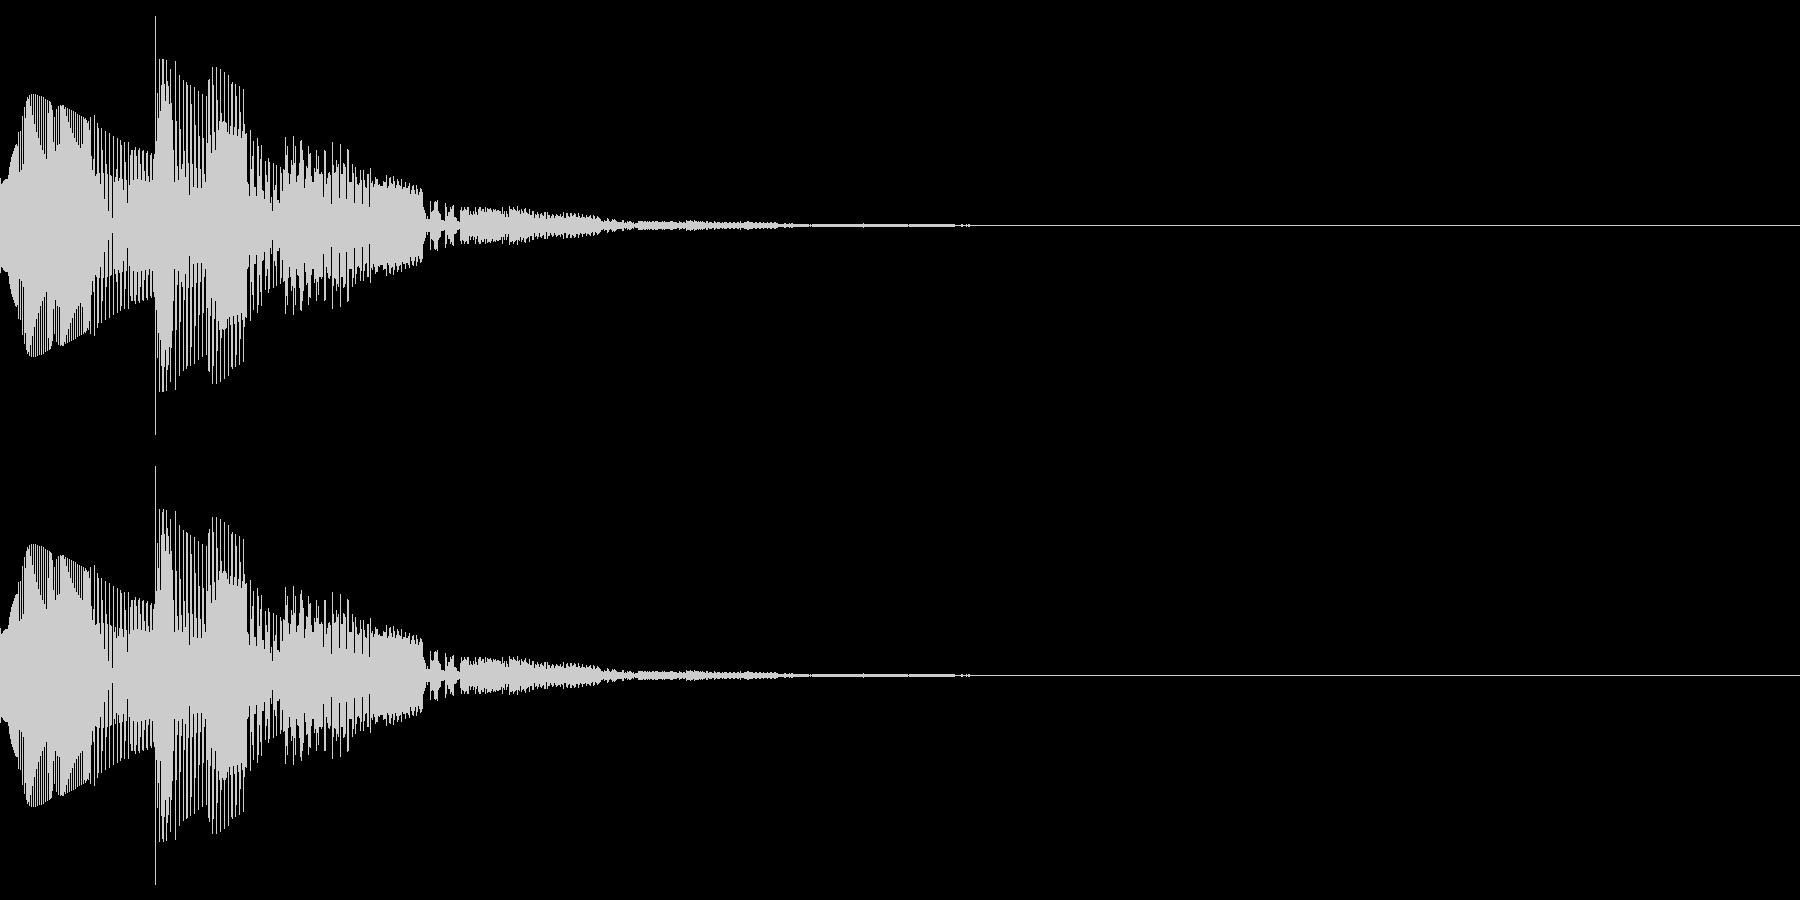 キャンセルなどのイメージのシステム効果音の未再生の波形